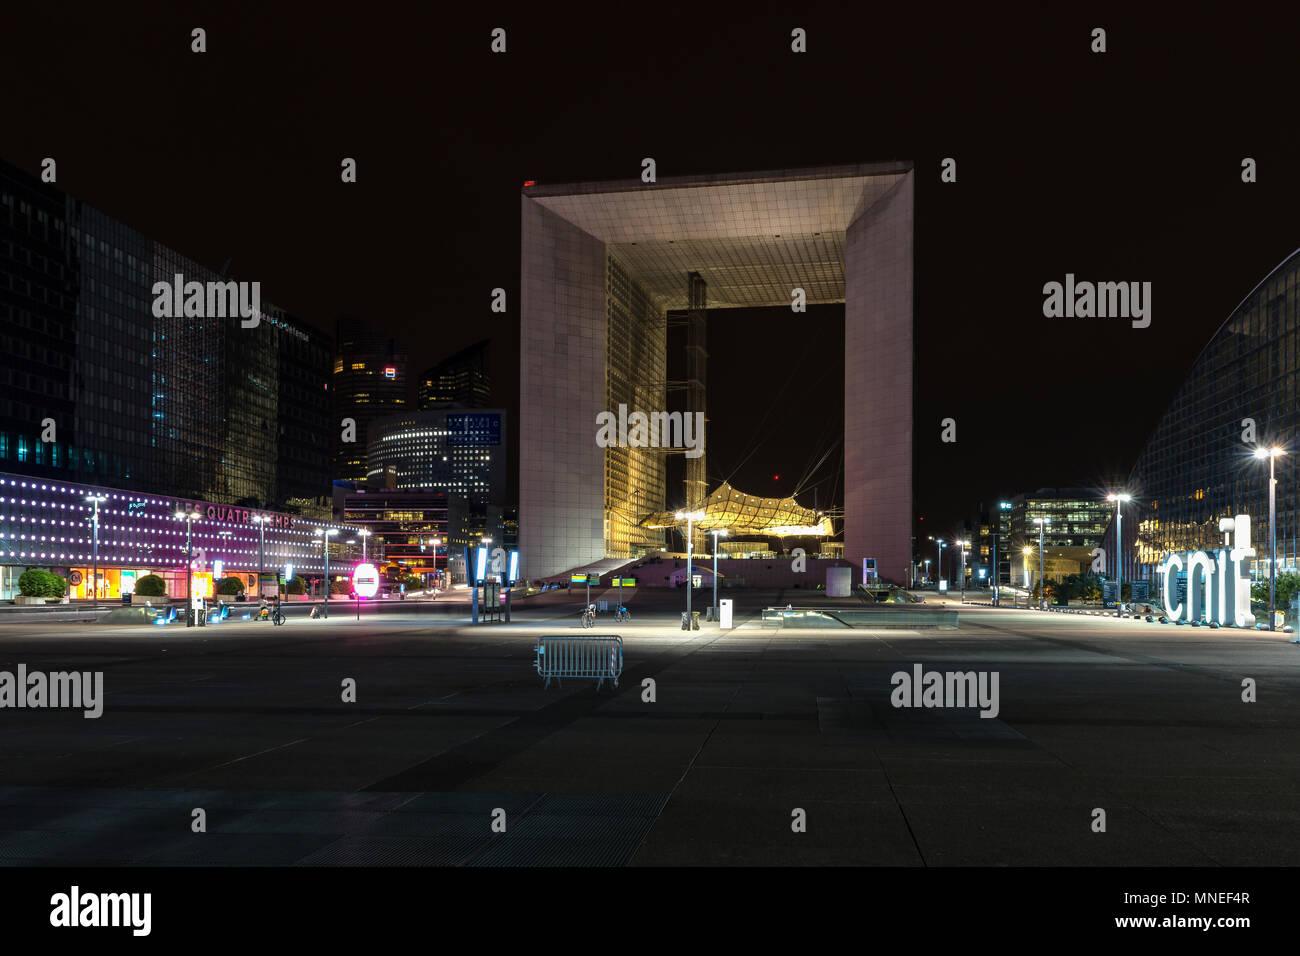 Grande Arche at night Stock Photo